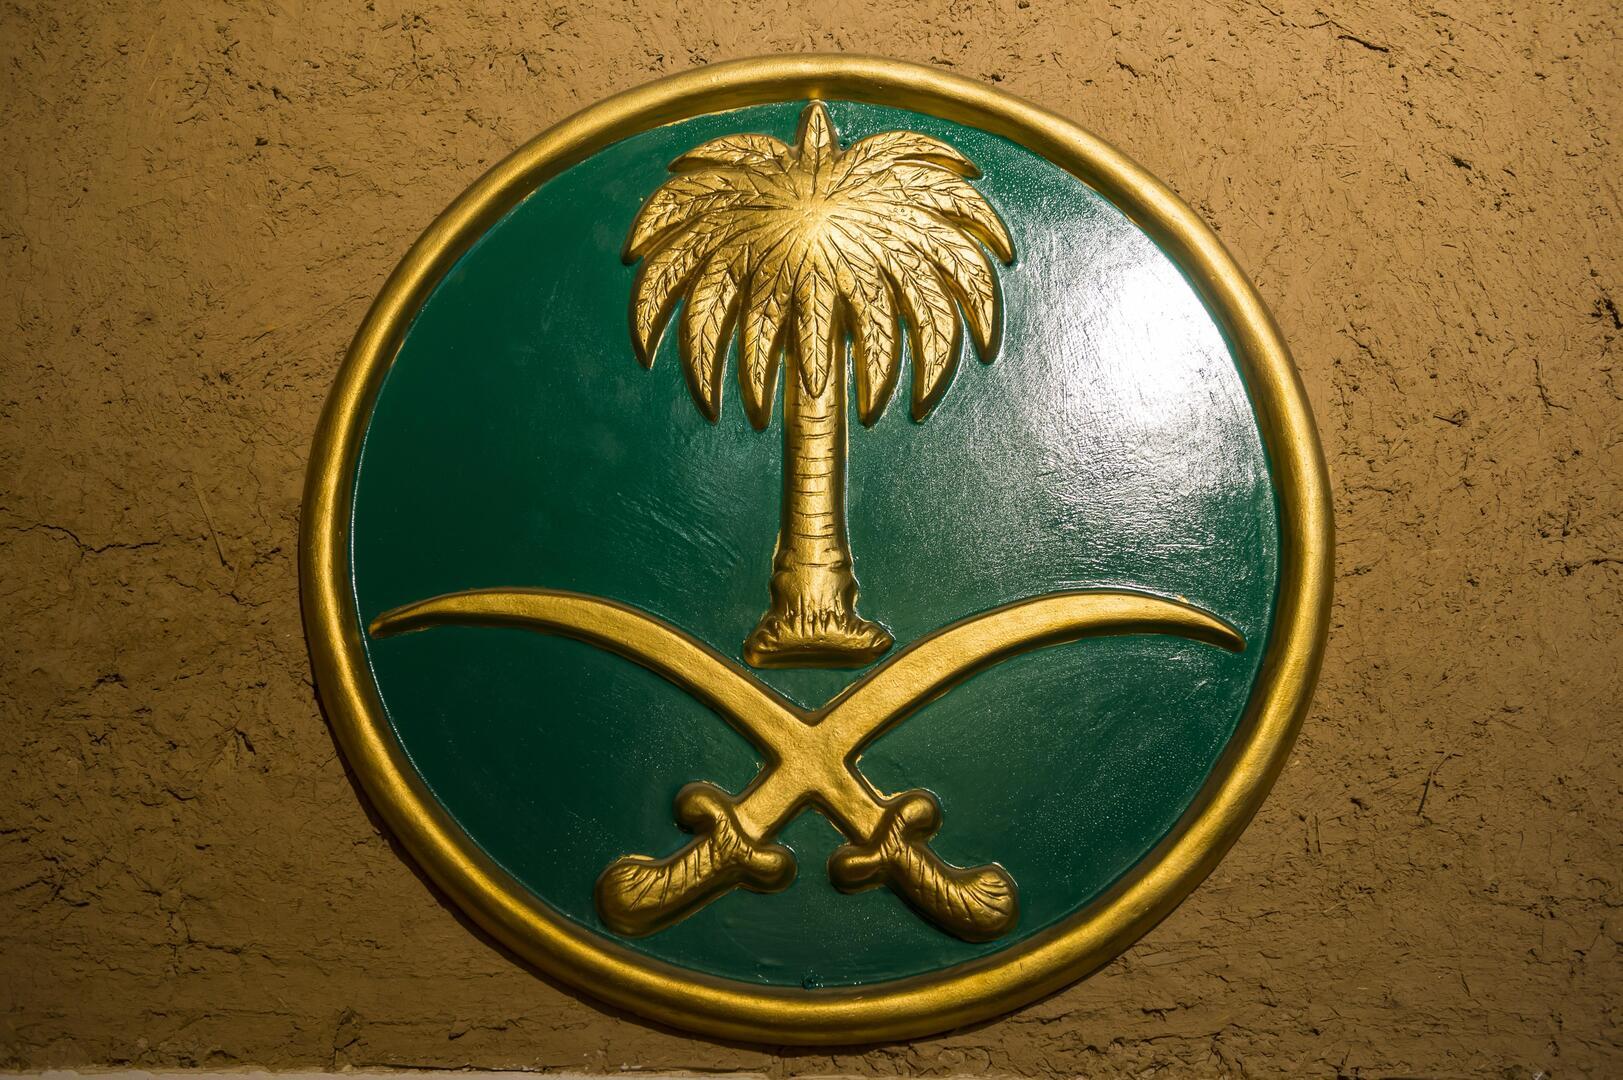 السعودية تدين إطلاق النار على سفارتها في لاهاي وتوجه دعوة لمواطنيها في هولندا